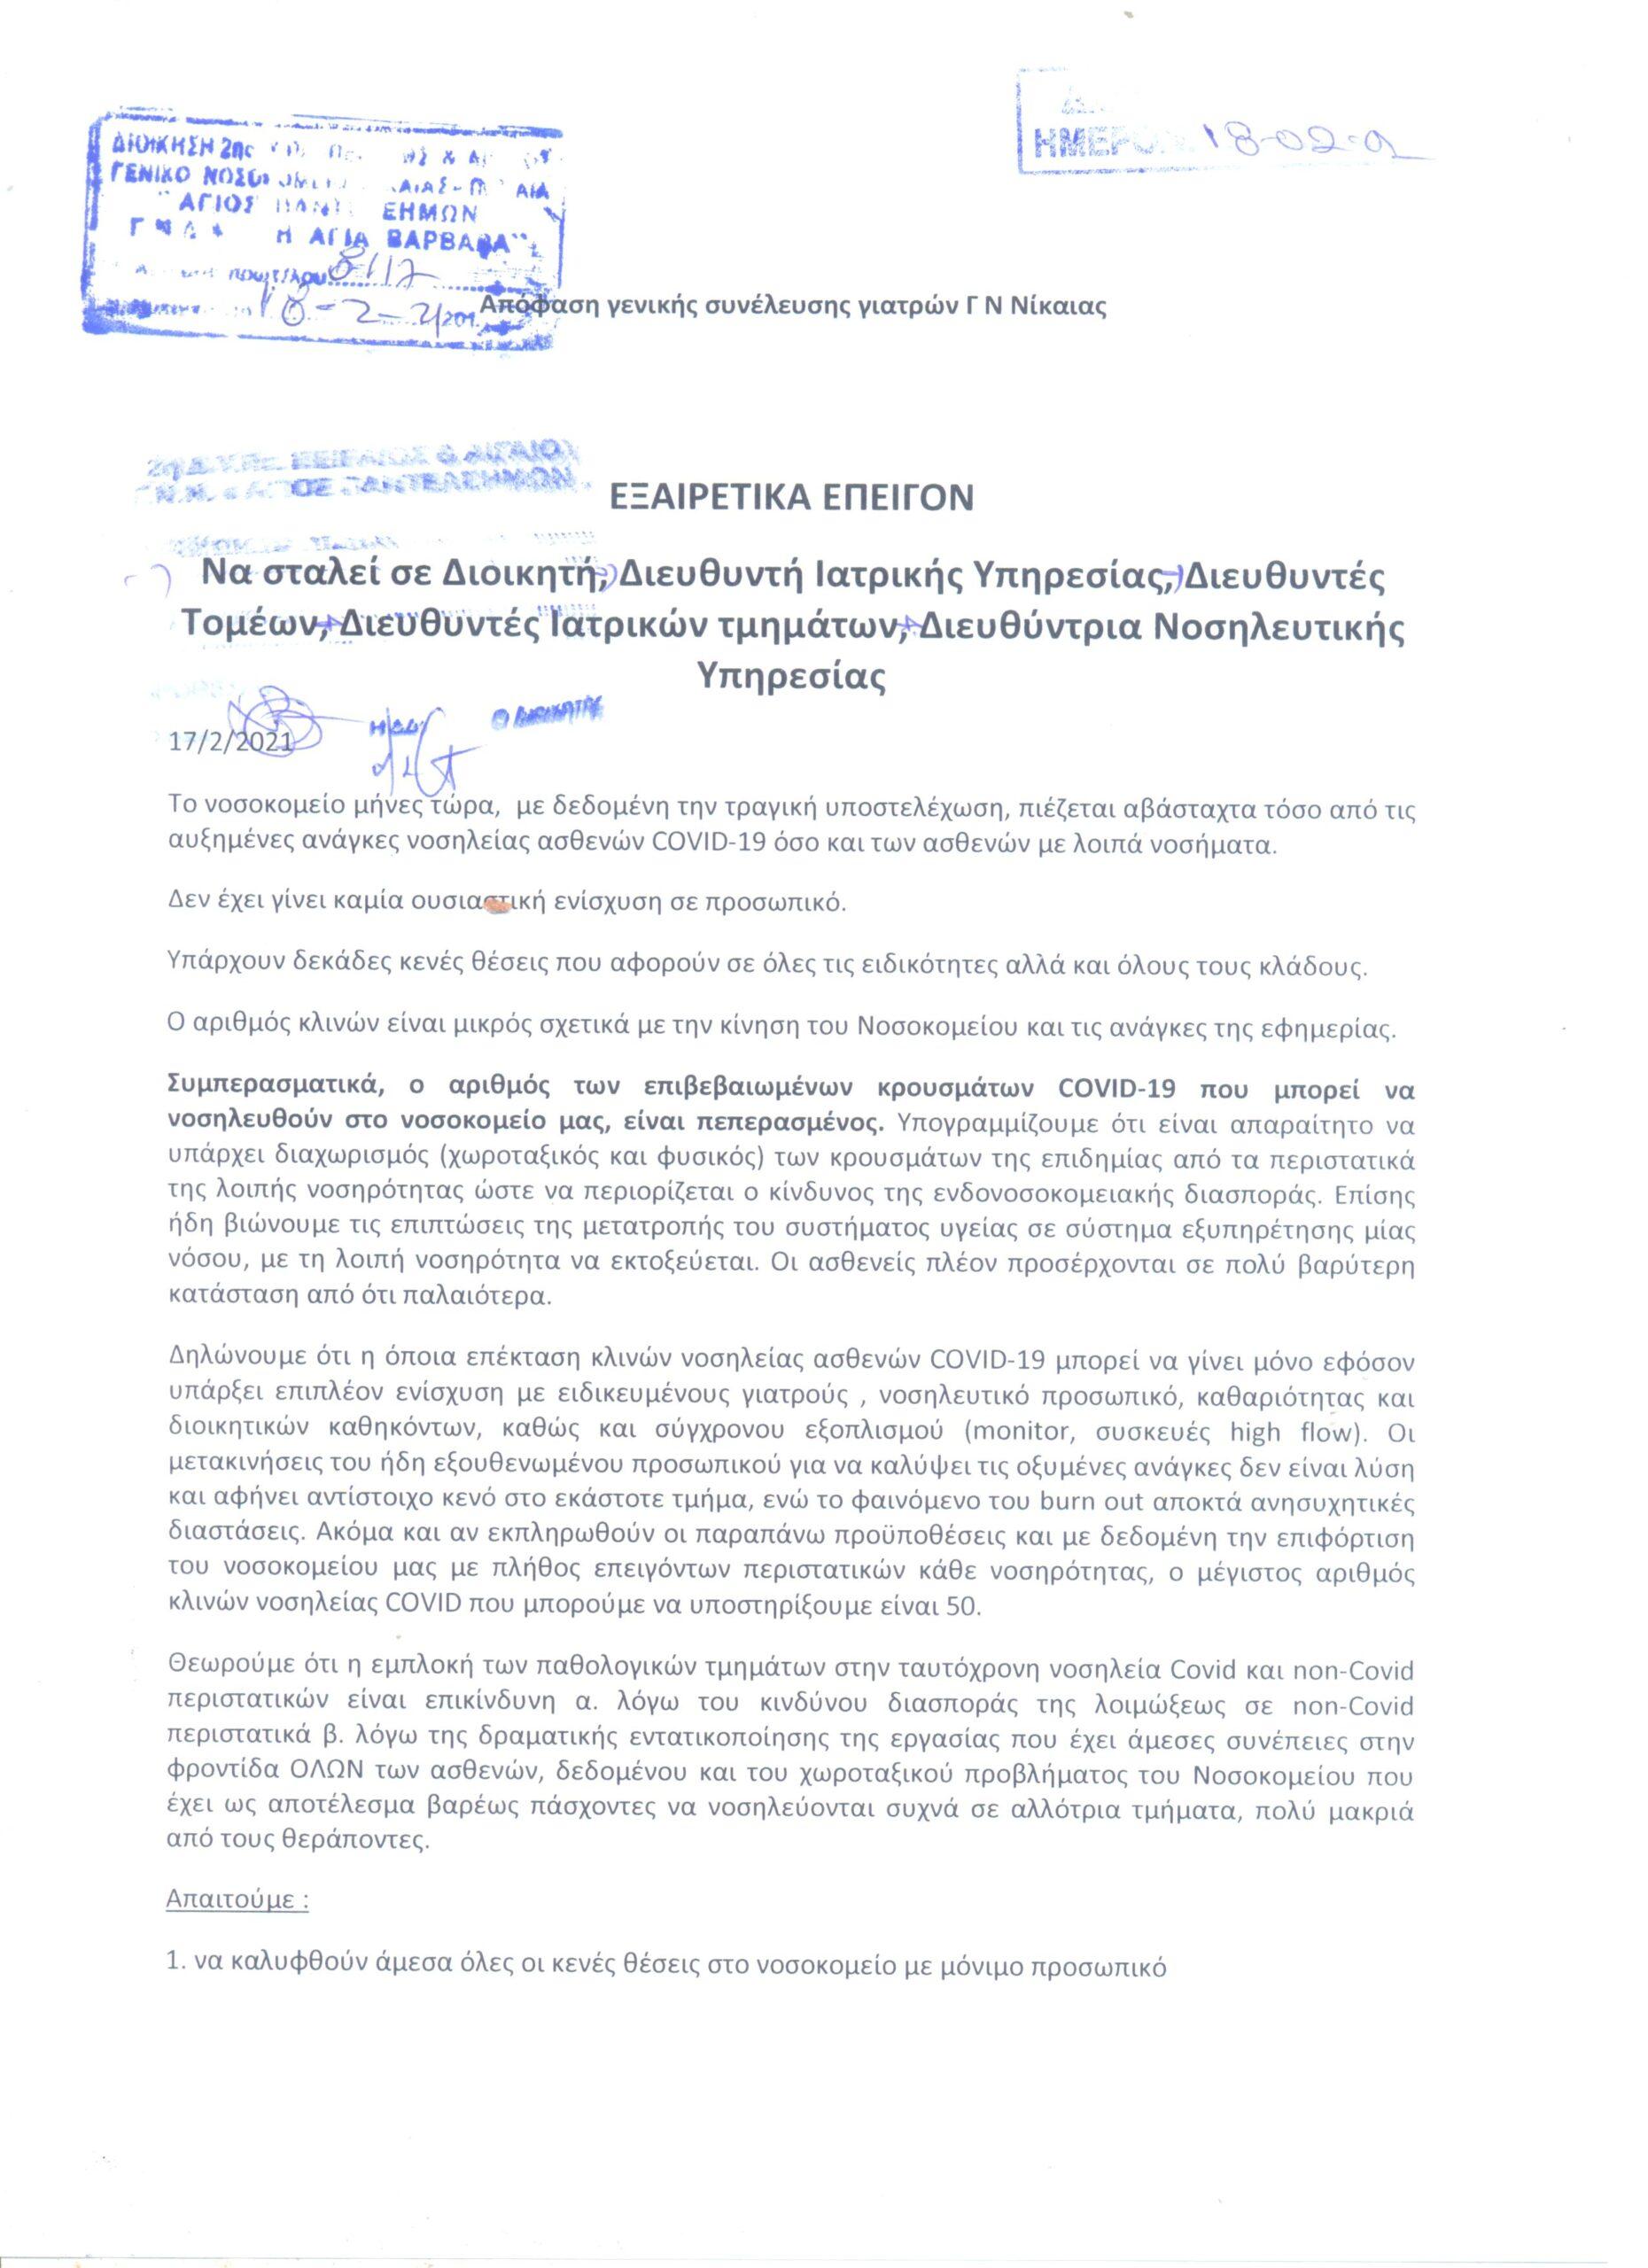 Υπέρβαση πληρότητας COVID-19 στο ΓΝ Νίκαιας και αυταρχική συμπεριφορά διοίκησης ΥΠΕ